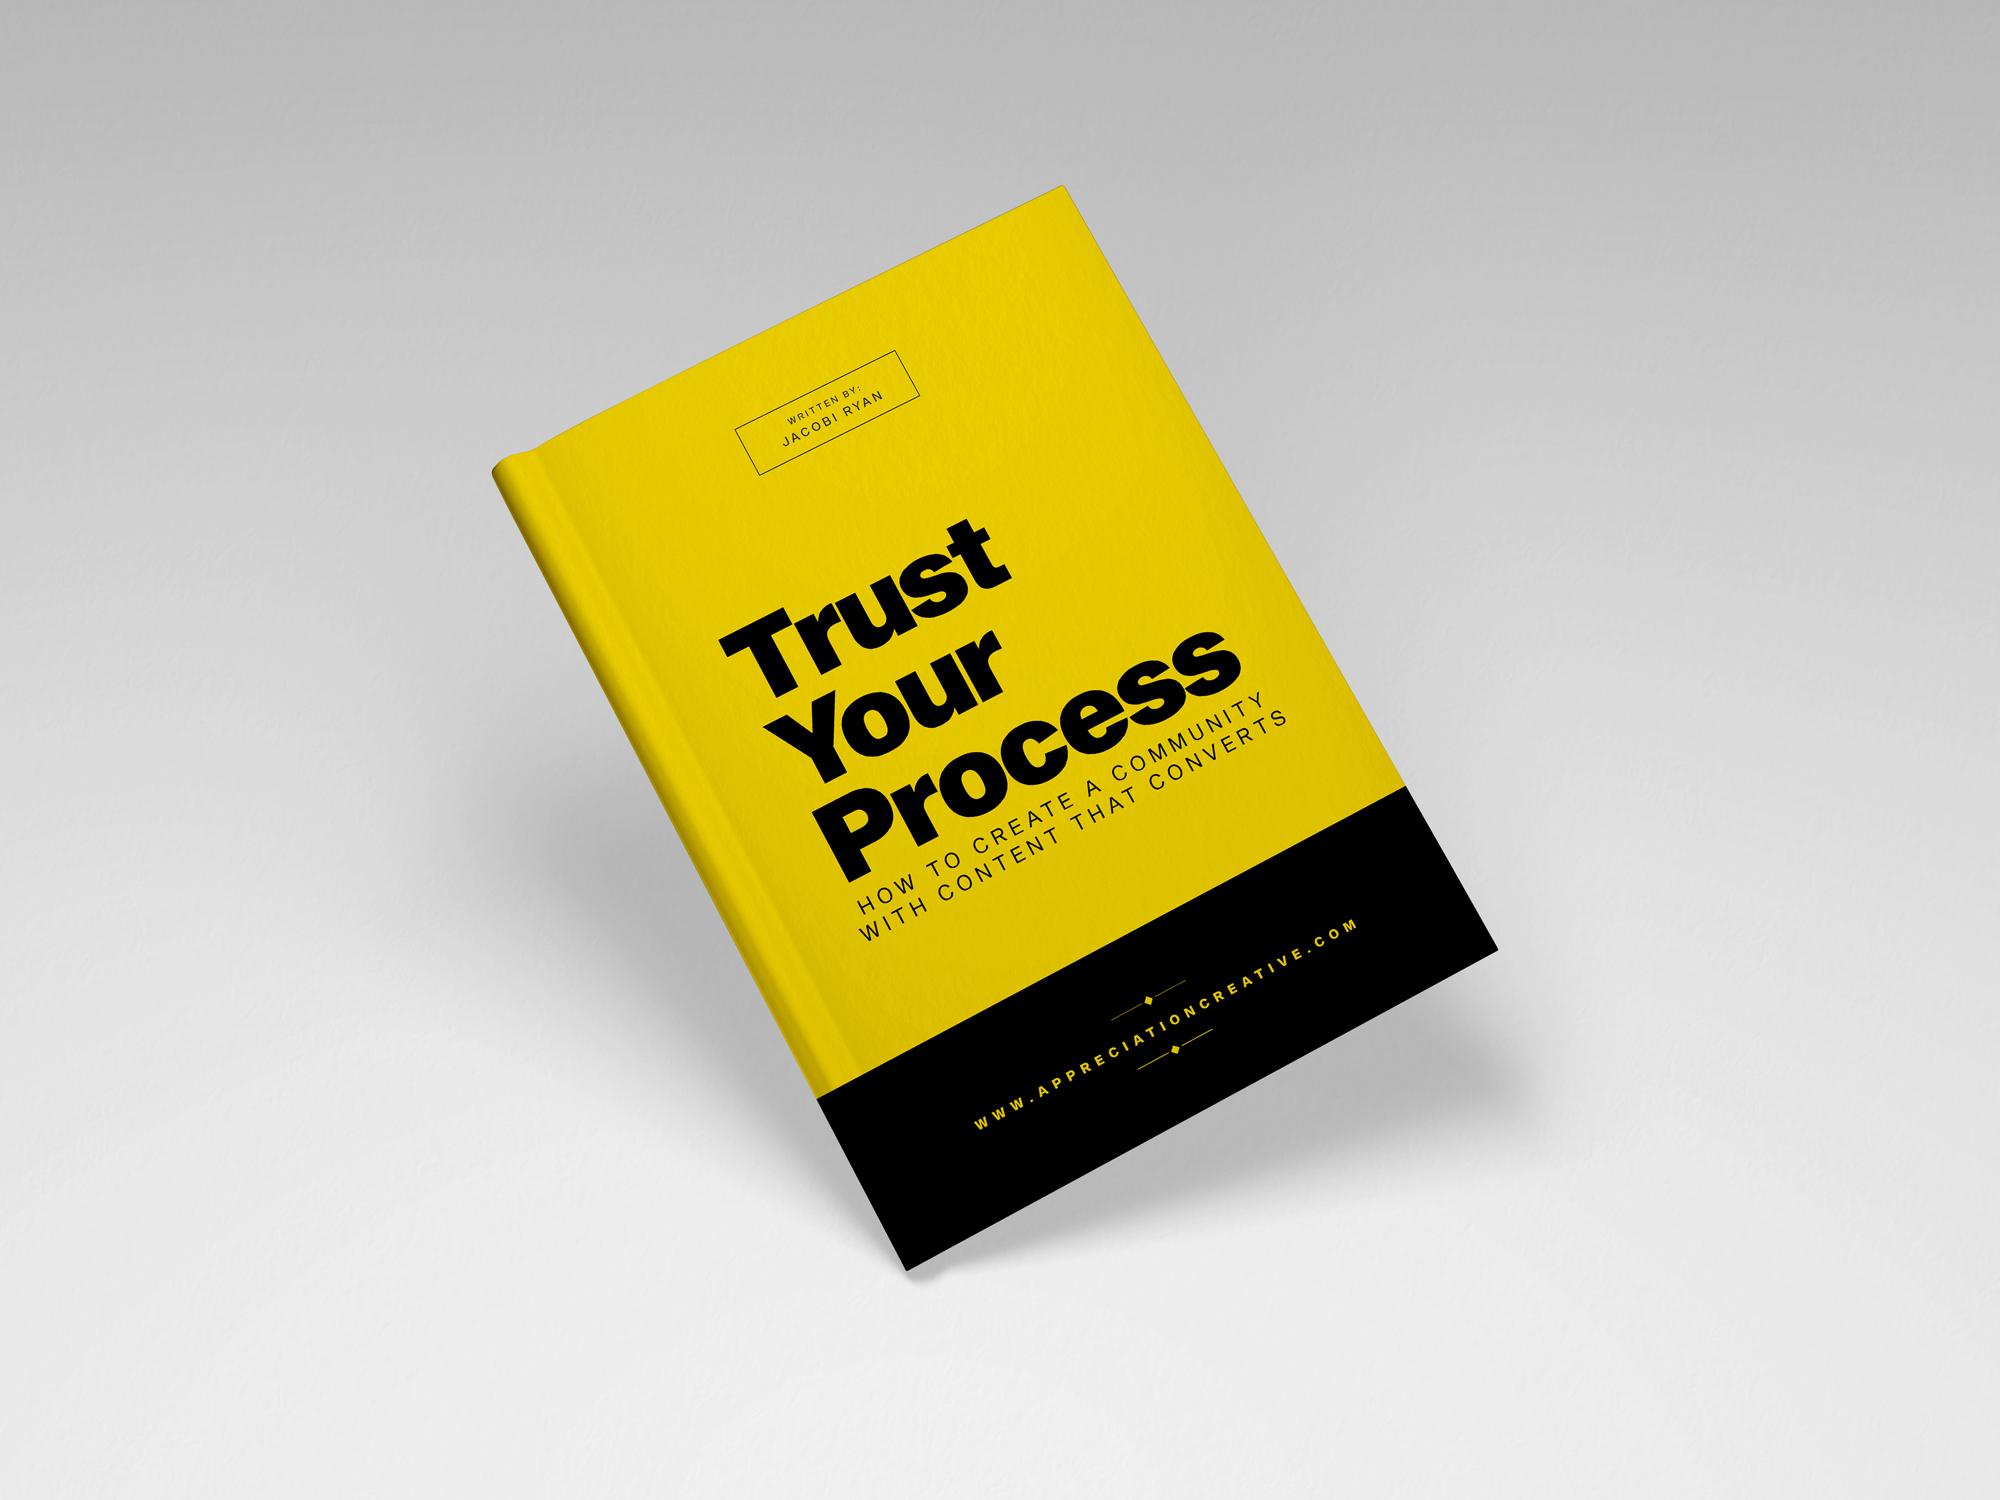 Trust Your Process eBook